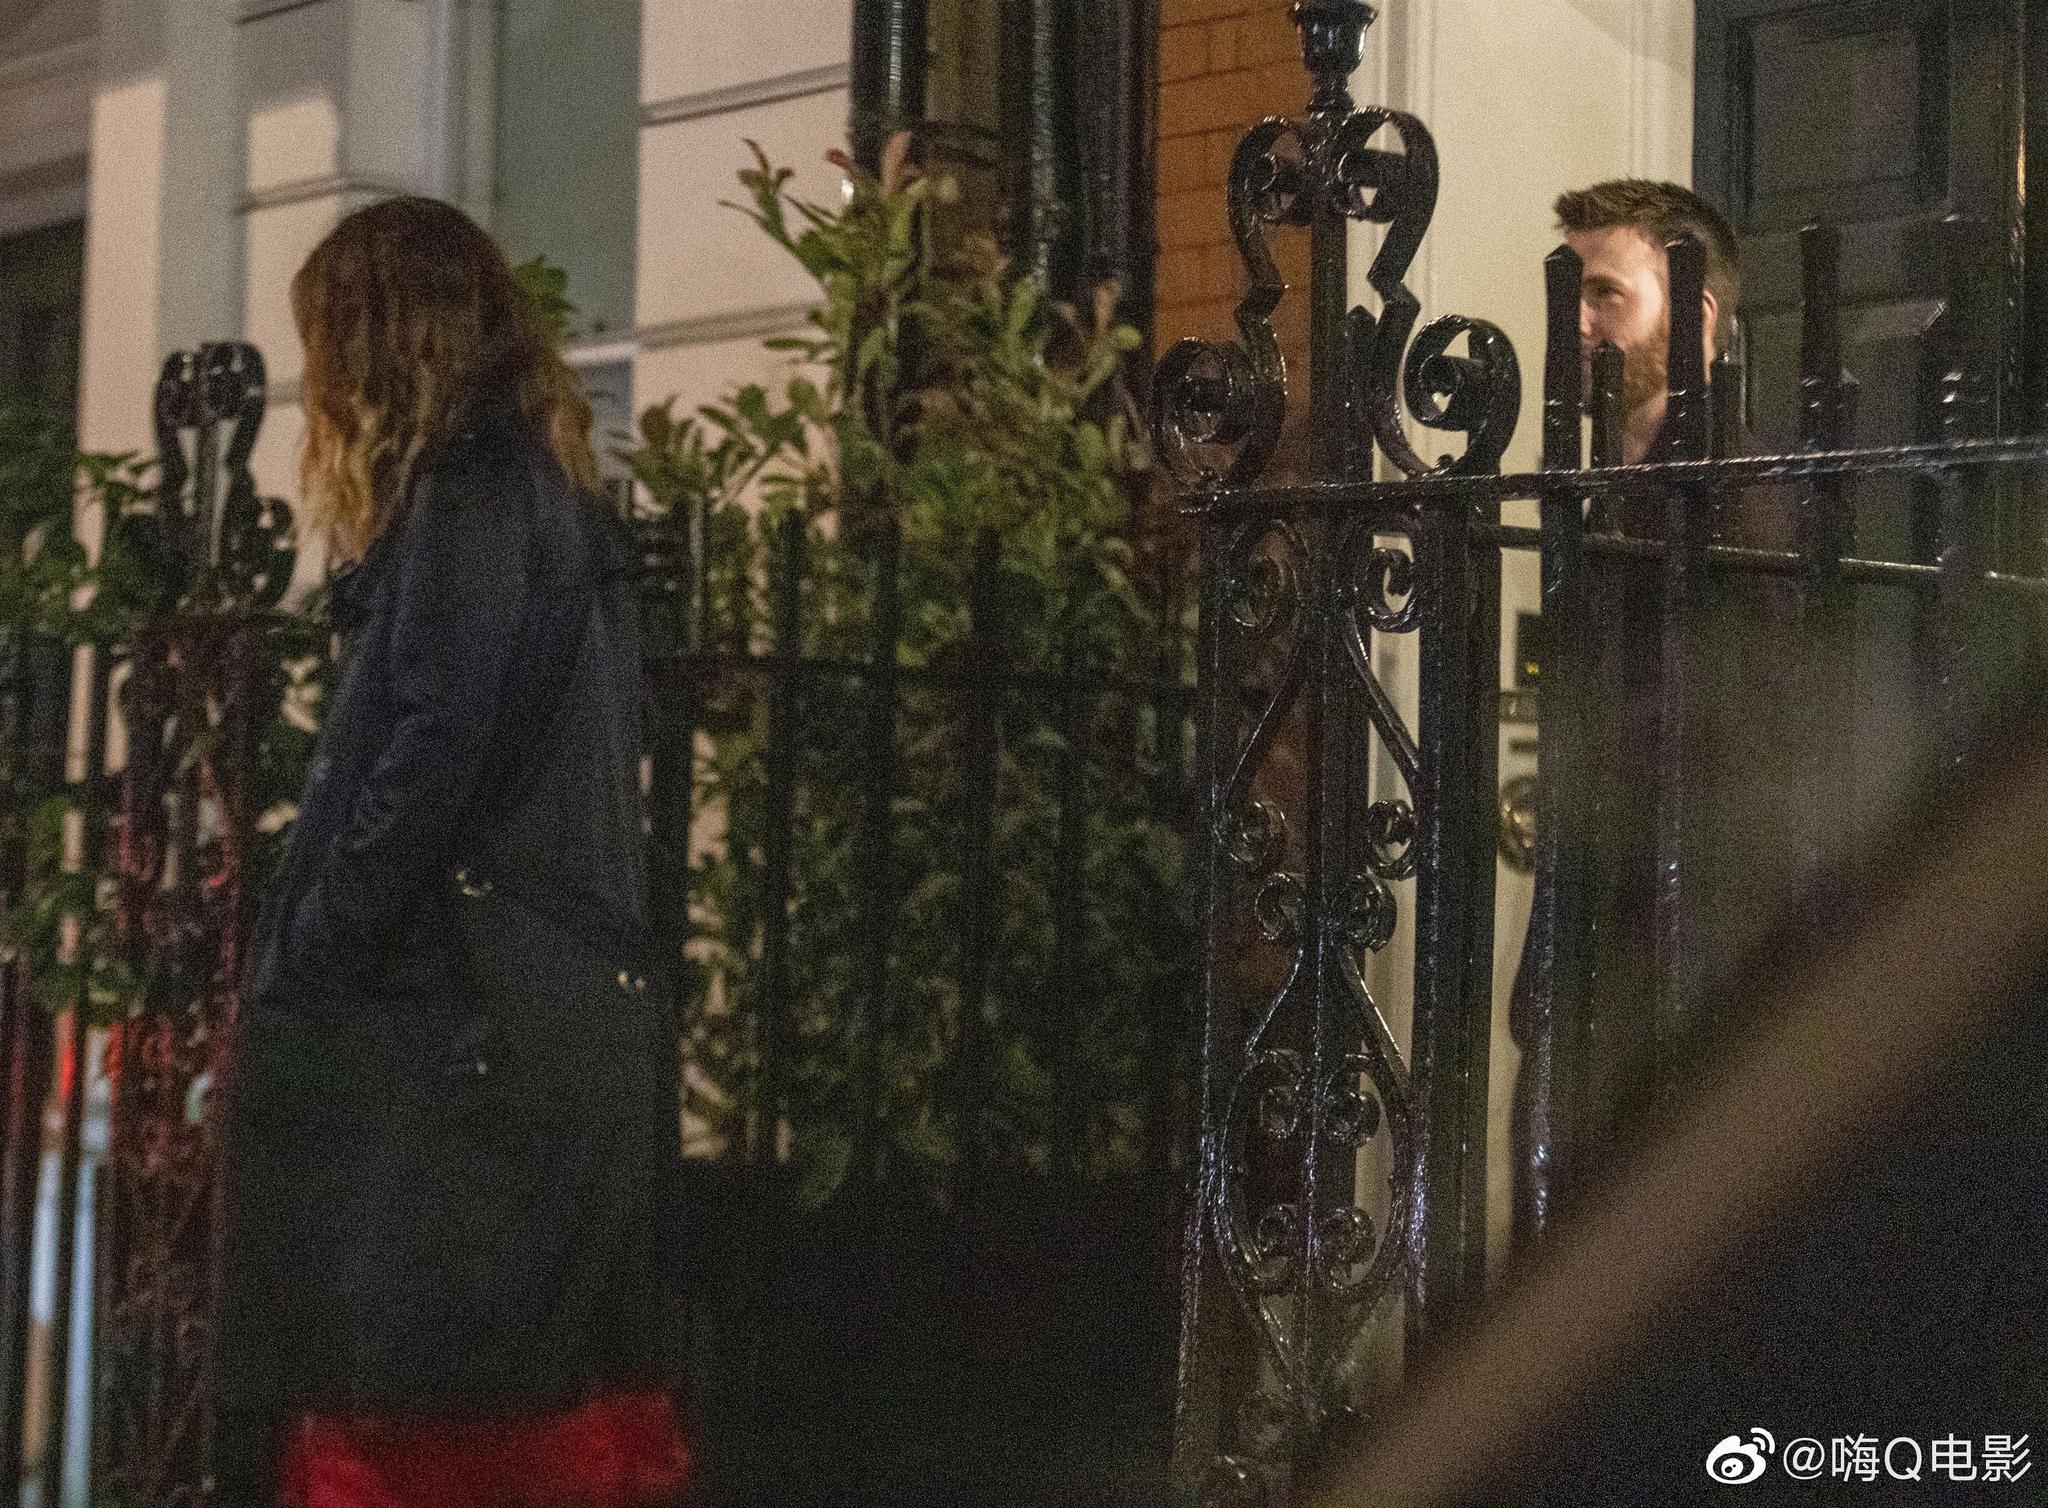 克里斯·埃文斯和莉莉·詹姆斯7月4日外出约会后返回伦敦下榻的酒店